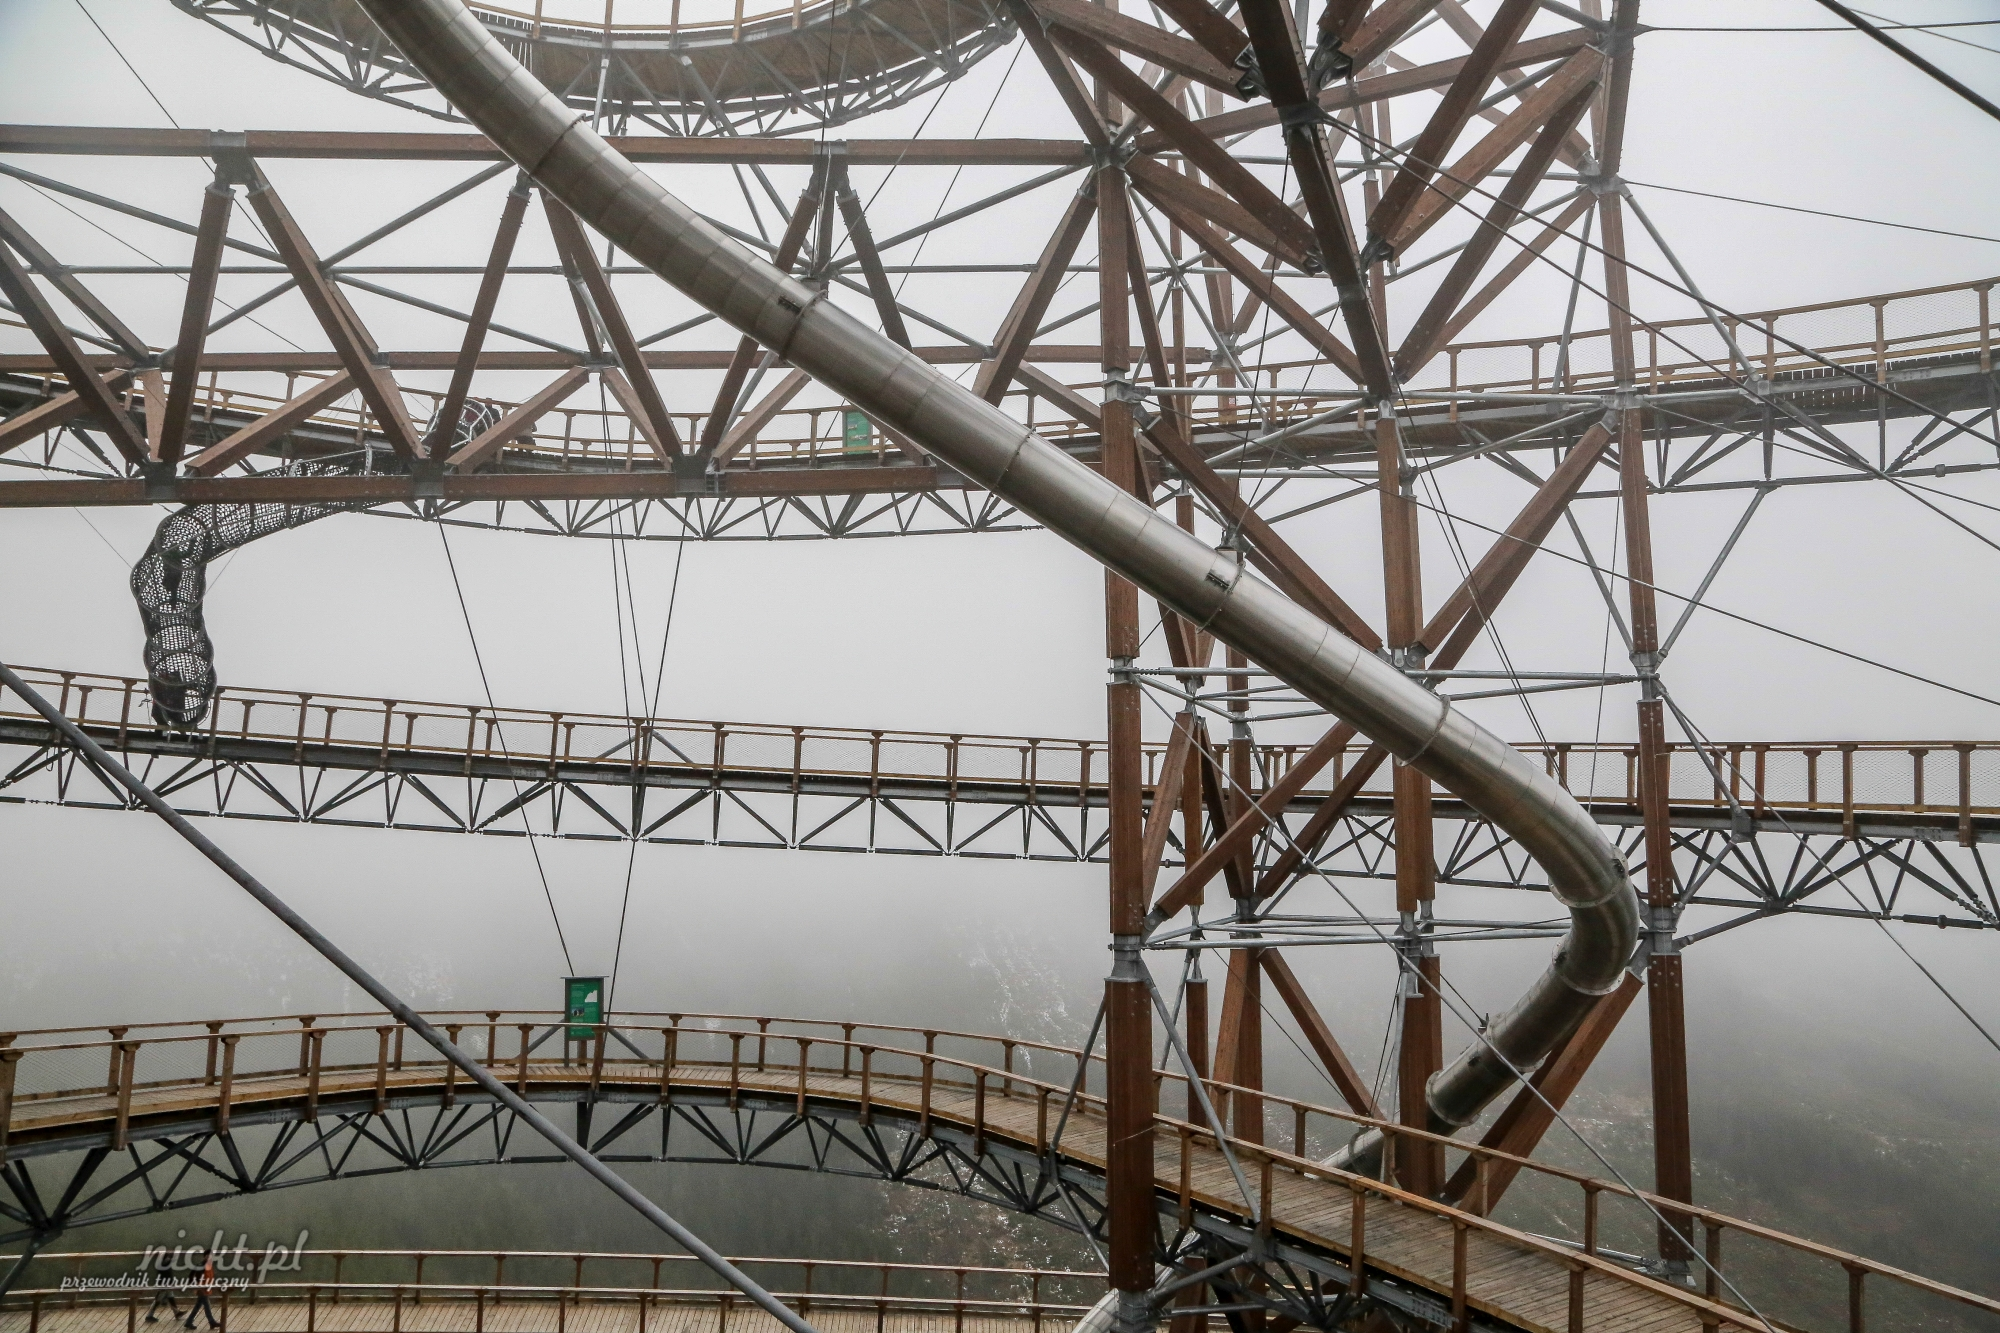 dolni morava stezka v oblacnich czechy punkt widokowy wieza widokowa nickt.pl turystyka niekonwencjonalna przemyslaw woznica 003